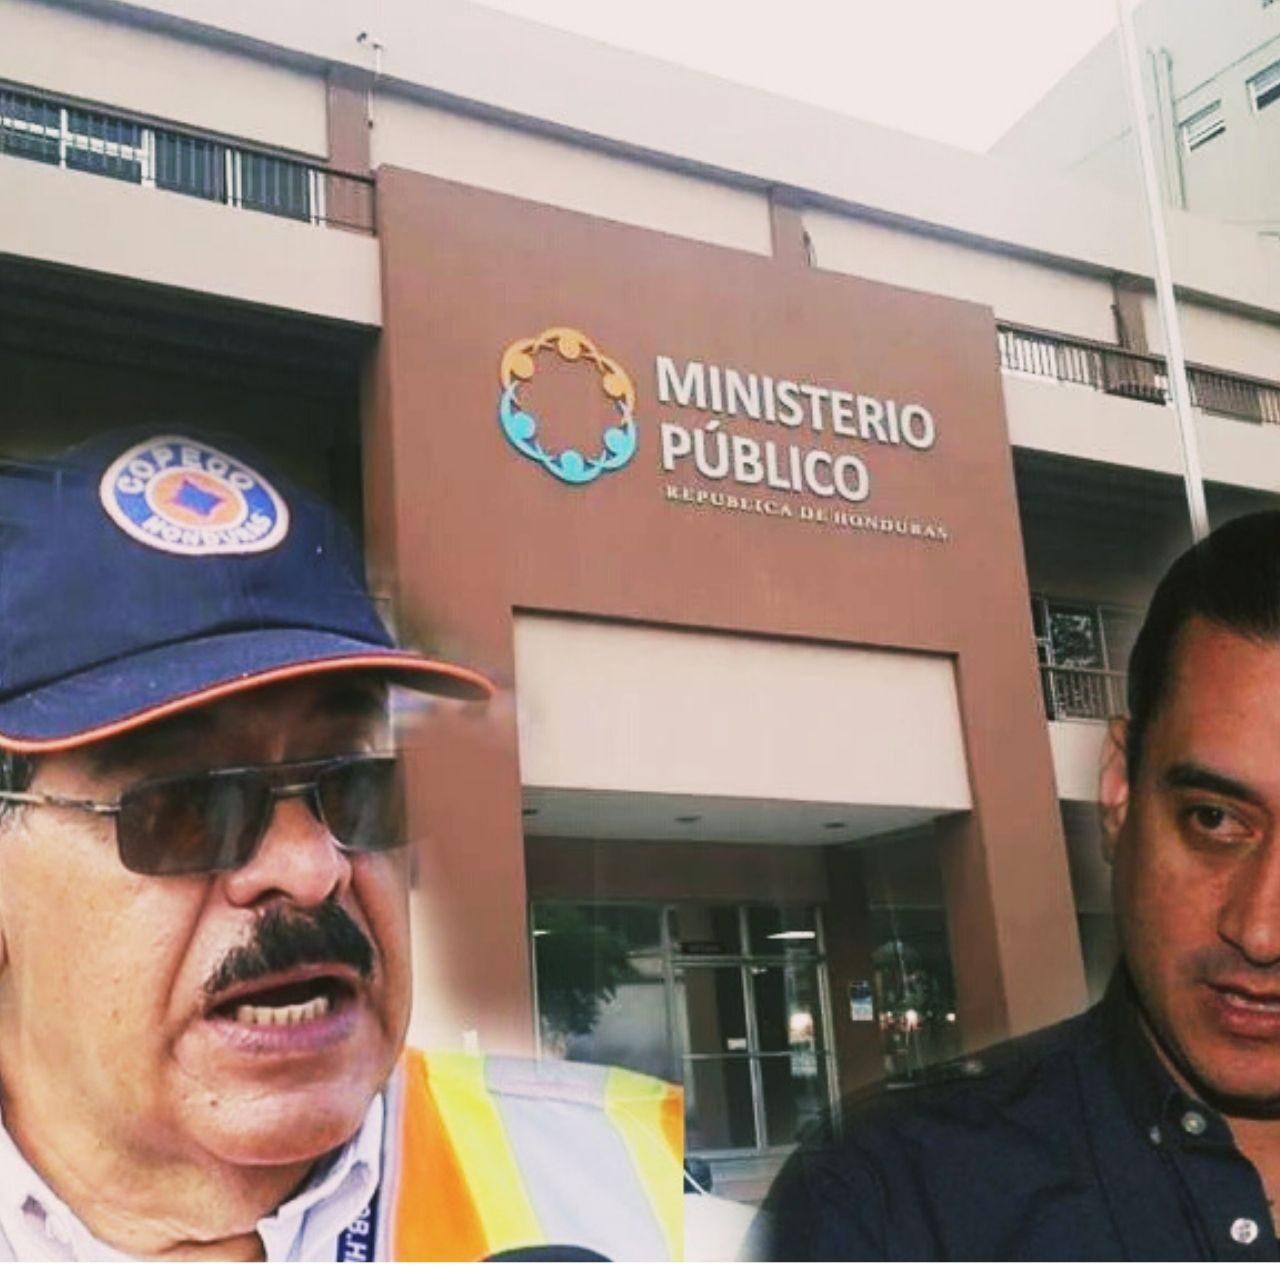 Bográn y Cordero en la mira del Ministerio Público por nuevos actos de corrupción